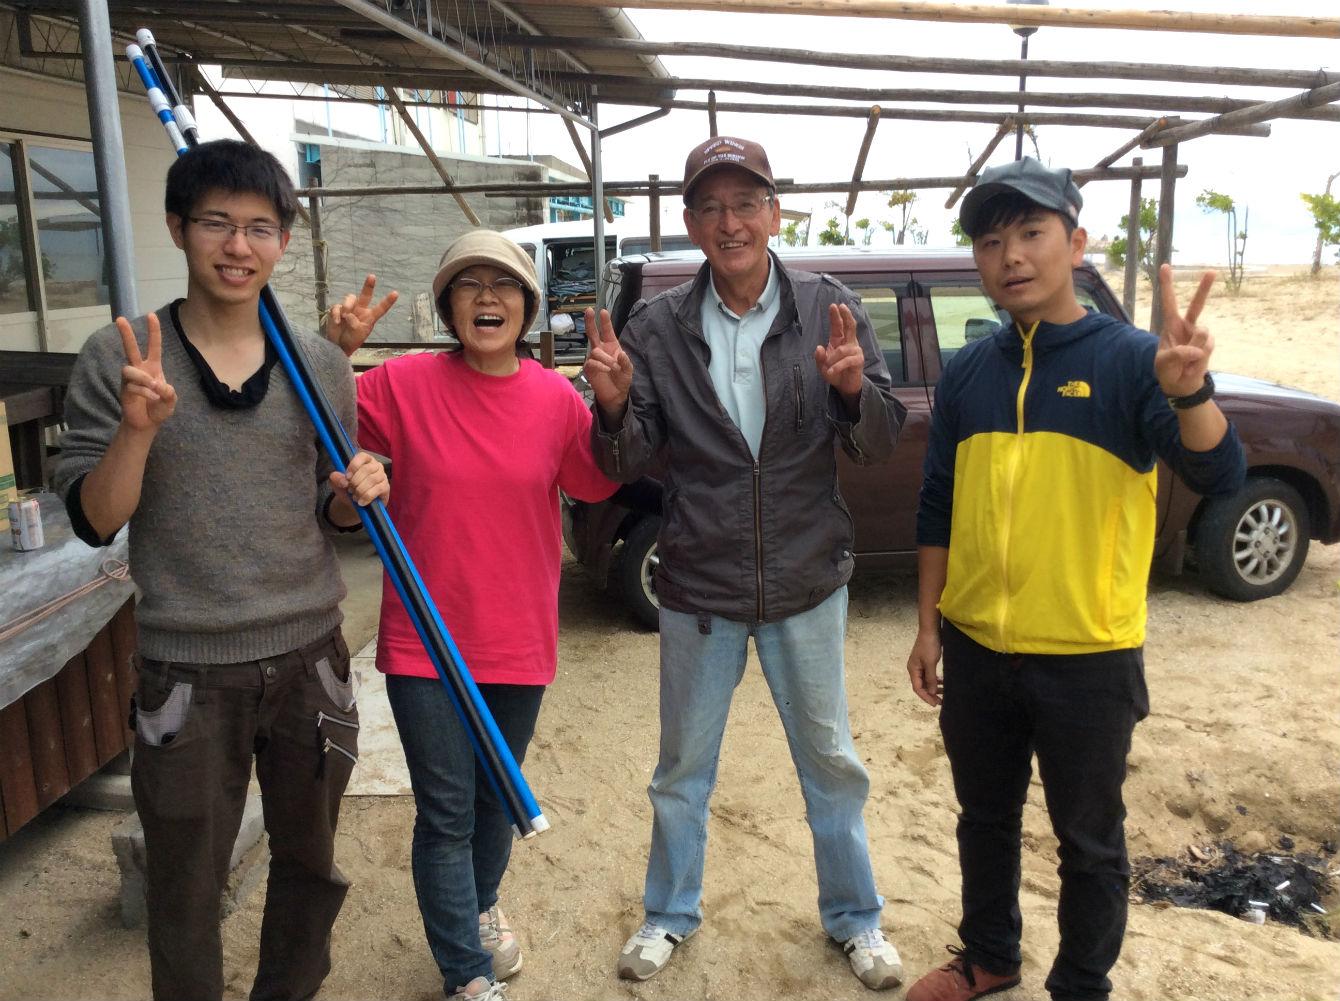 KATALOG MAGAZINEで取材させていただいた大川村の川上さんたち。これまで全回参加してくれている。